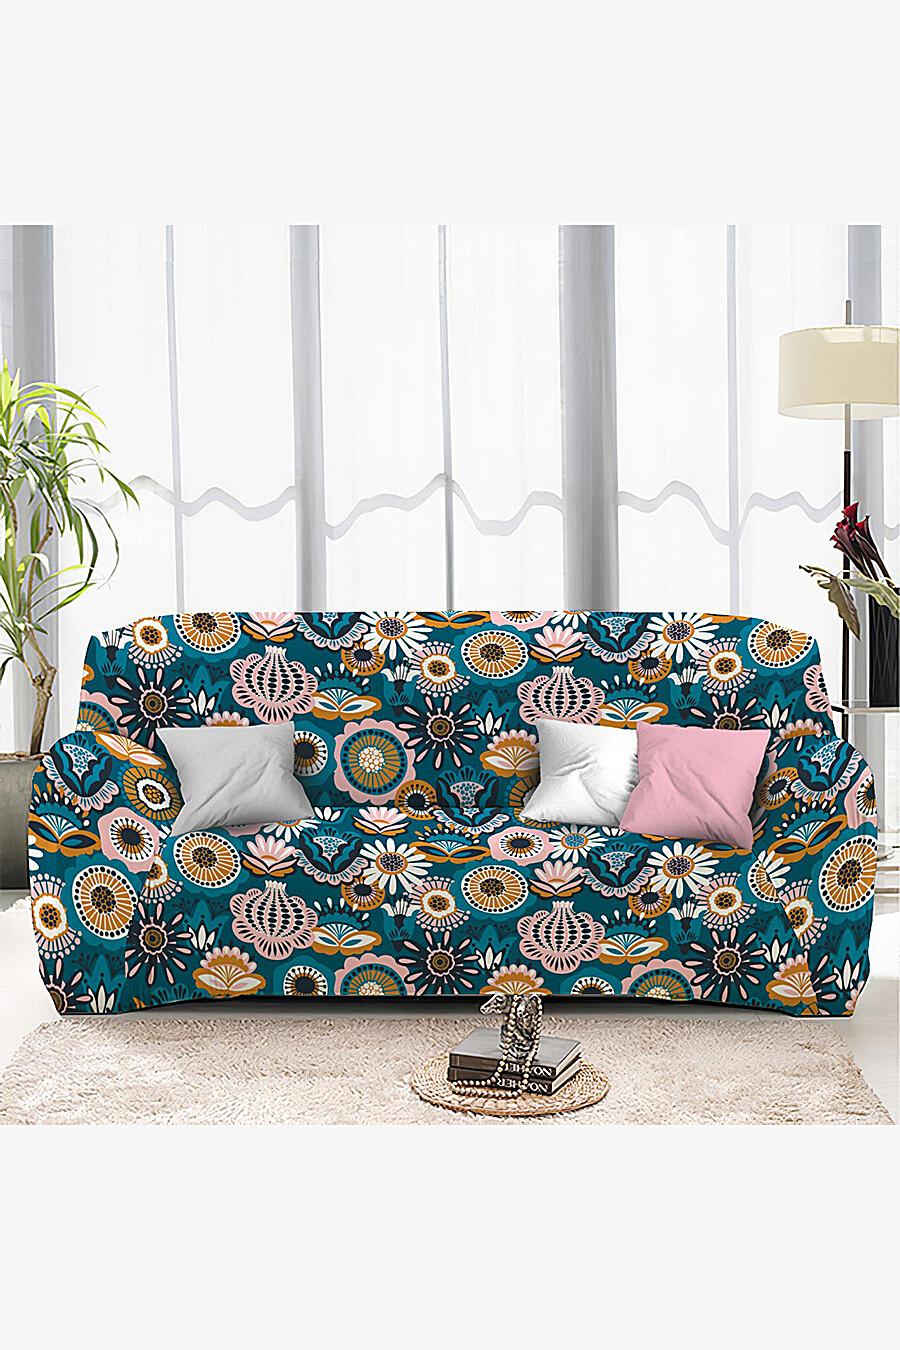 Чехол на диван для дома ART HOME TEXTILE 162855 купить оптом от производителя. Совместная покупка товаров для дома в OptMoyo